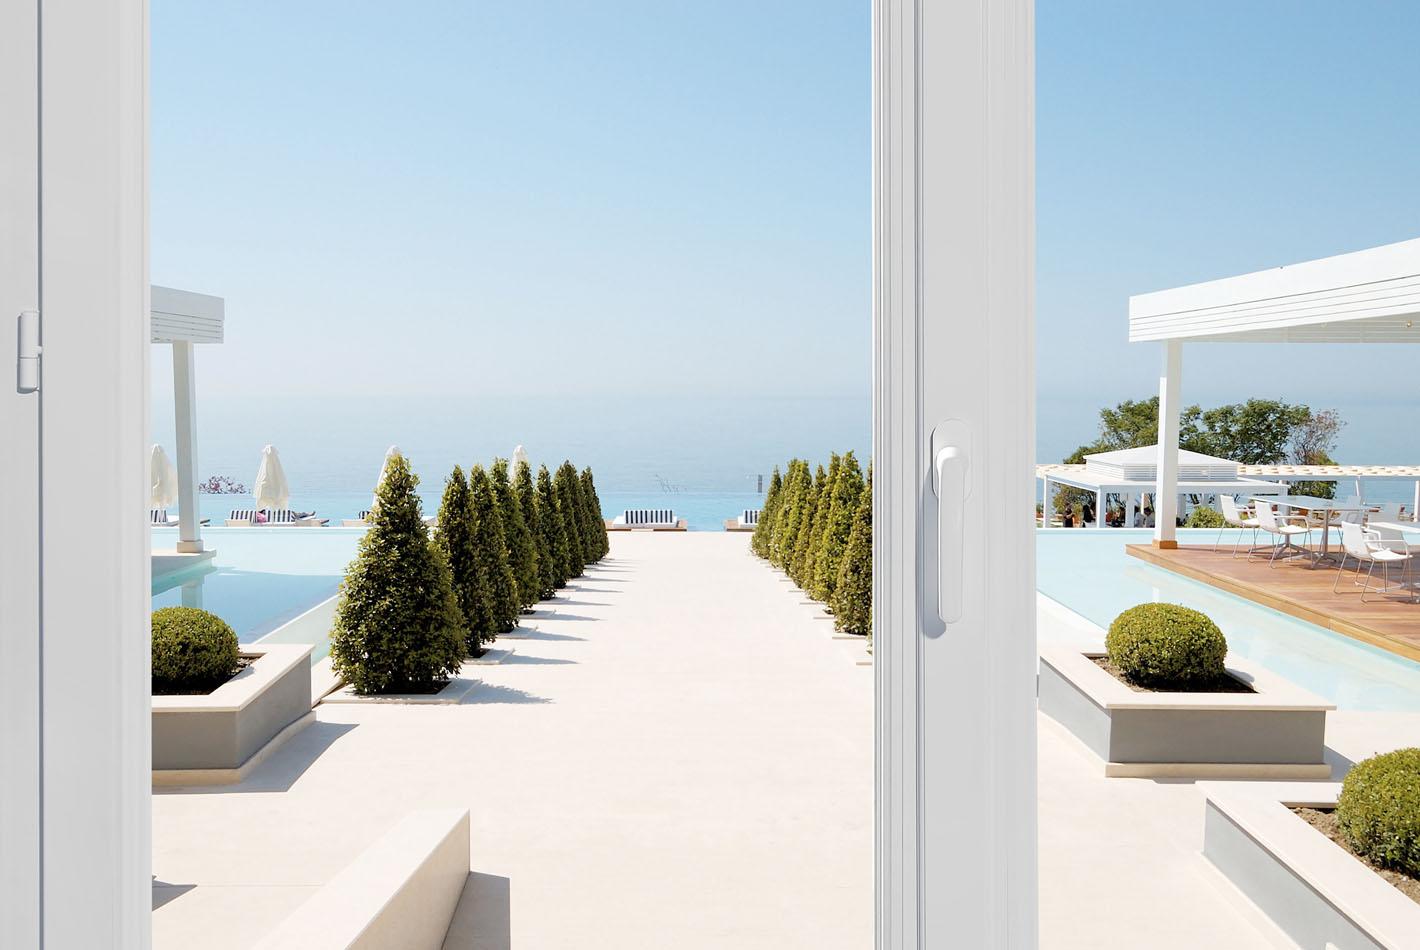 Une baie vitrée Prefal s'ouvre sur une magnifique terrasse ensoleillée. Au moin la mer bleue pour horizon.